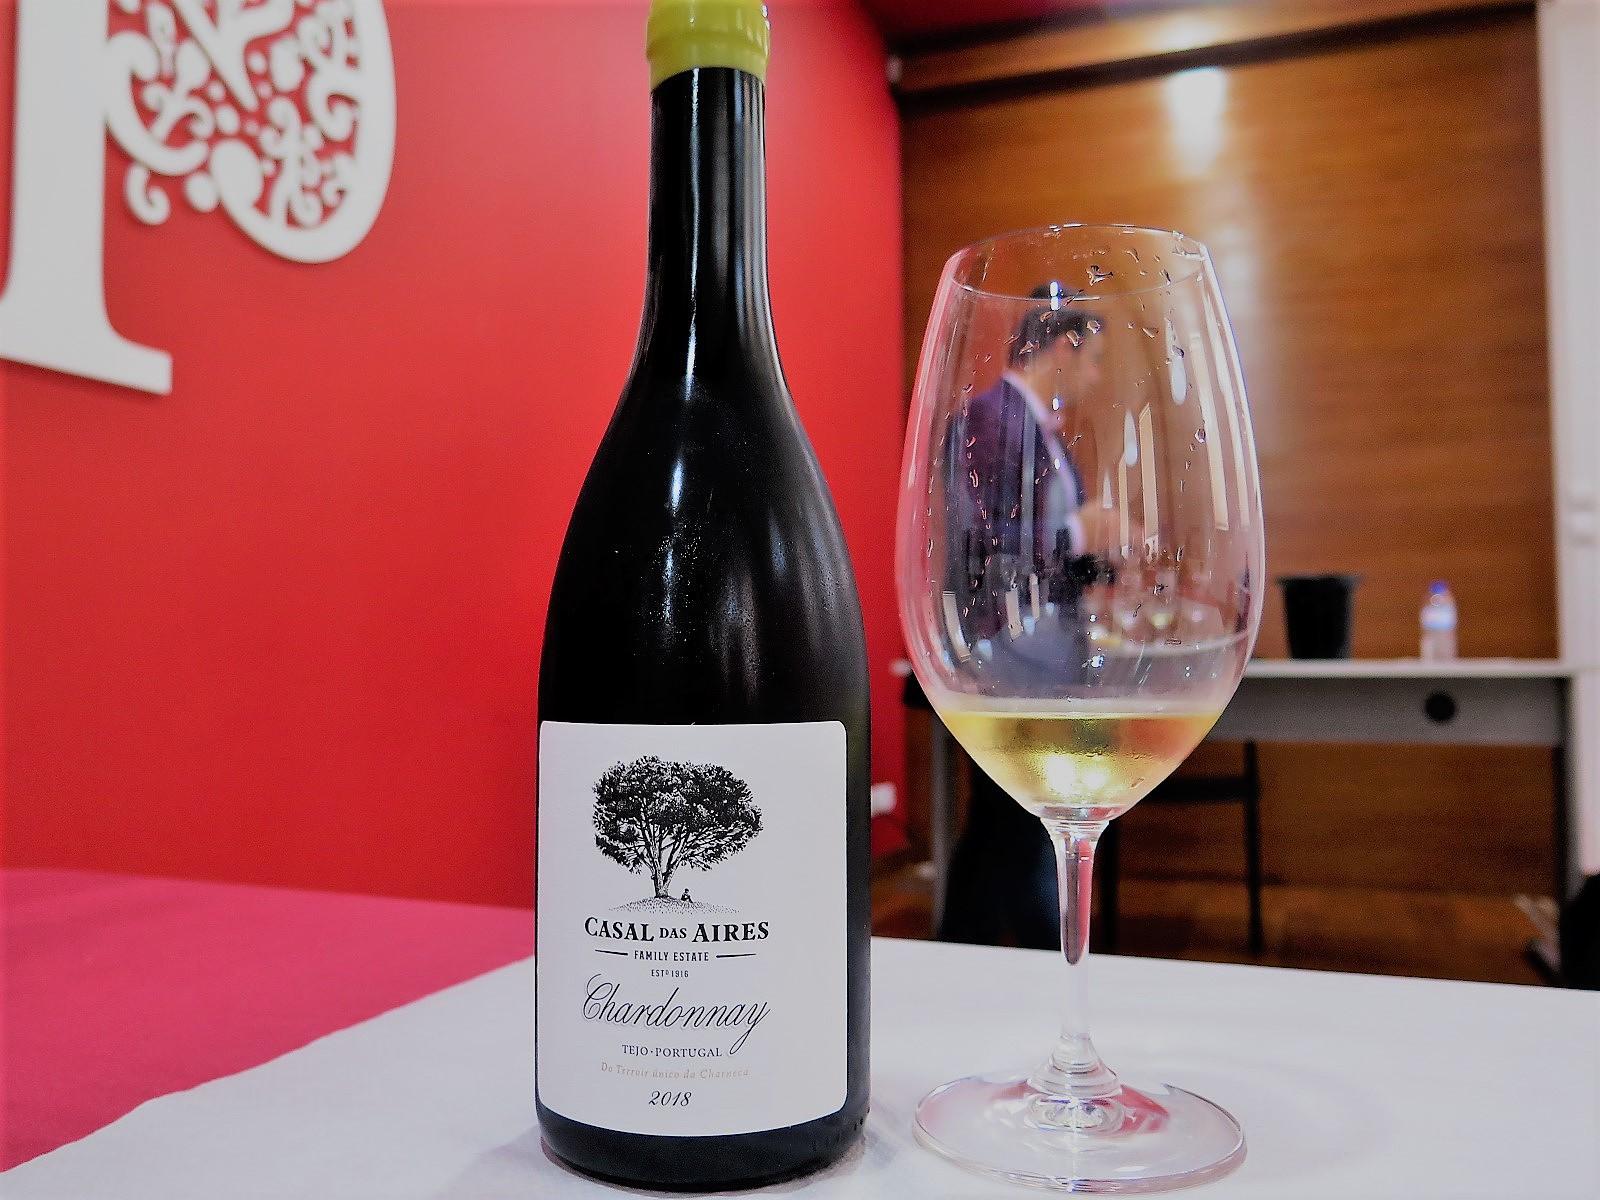 Casal das Aires Chardonnay Branco 2018